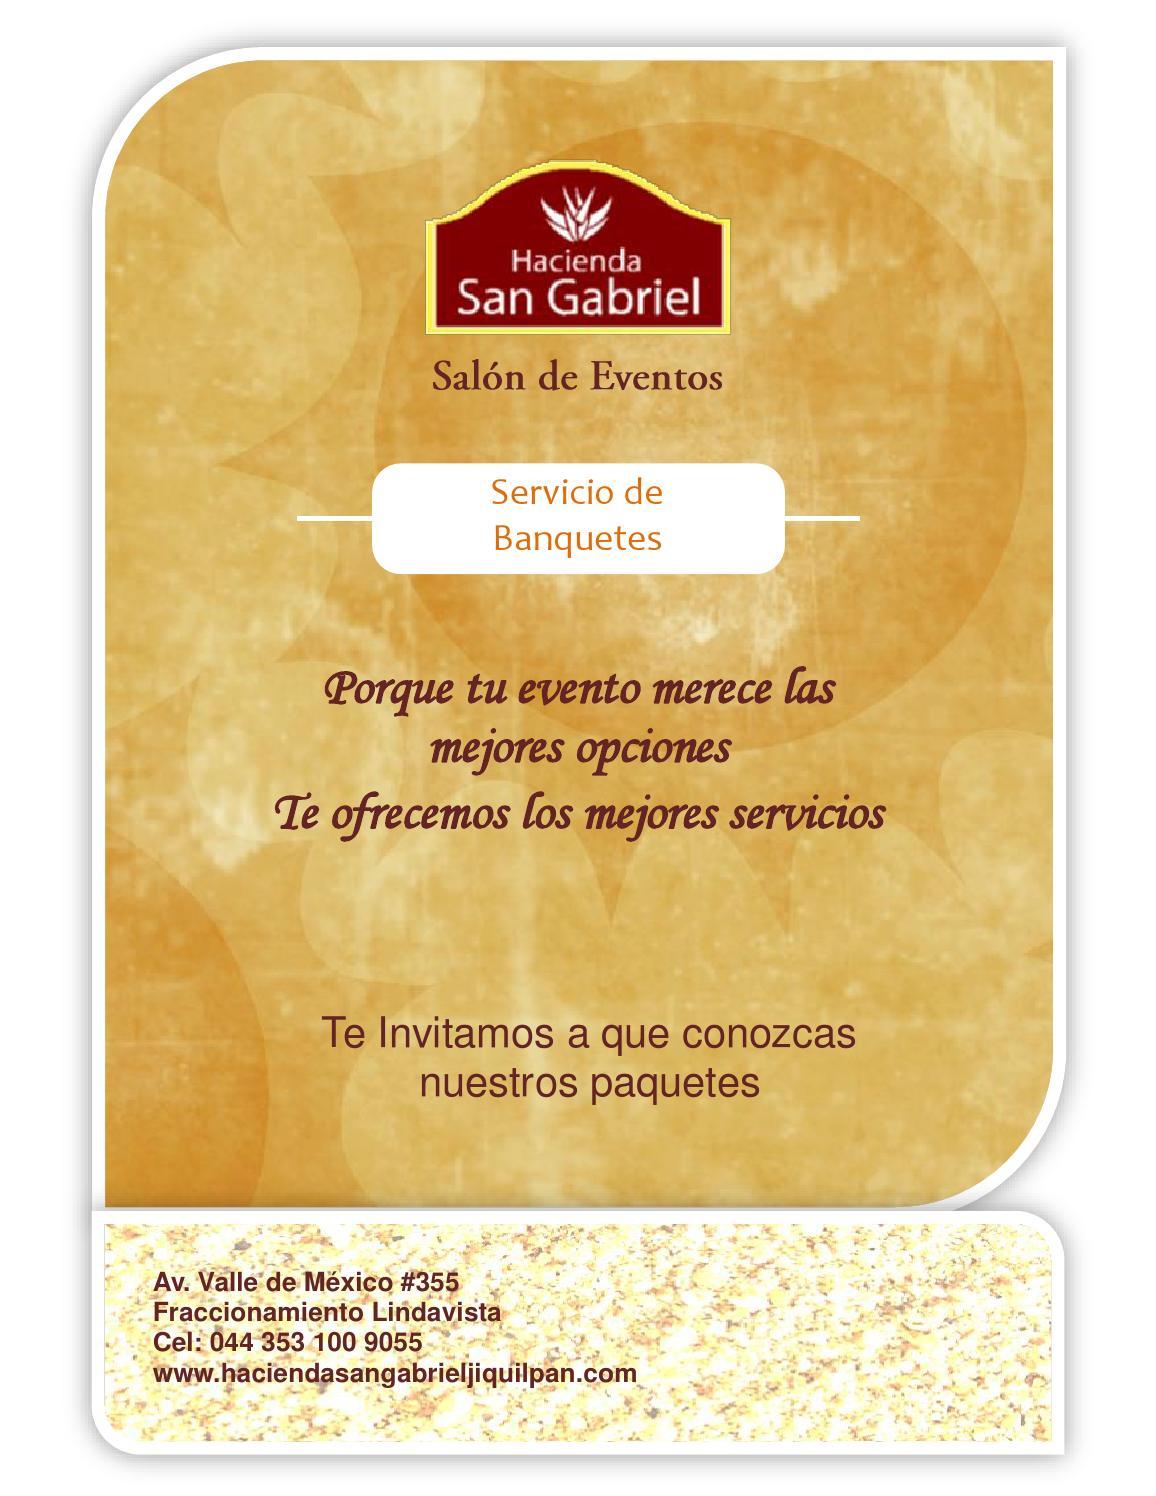 Men Servicio De Banquetes Hacienda San Gabriel Jiquilpan Mich  # Muebles En Jiquilpan Mich